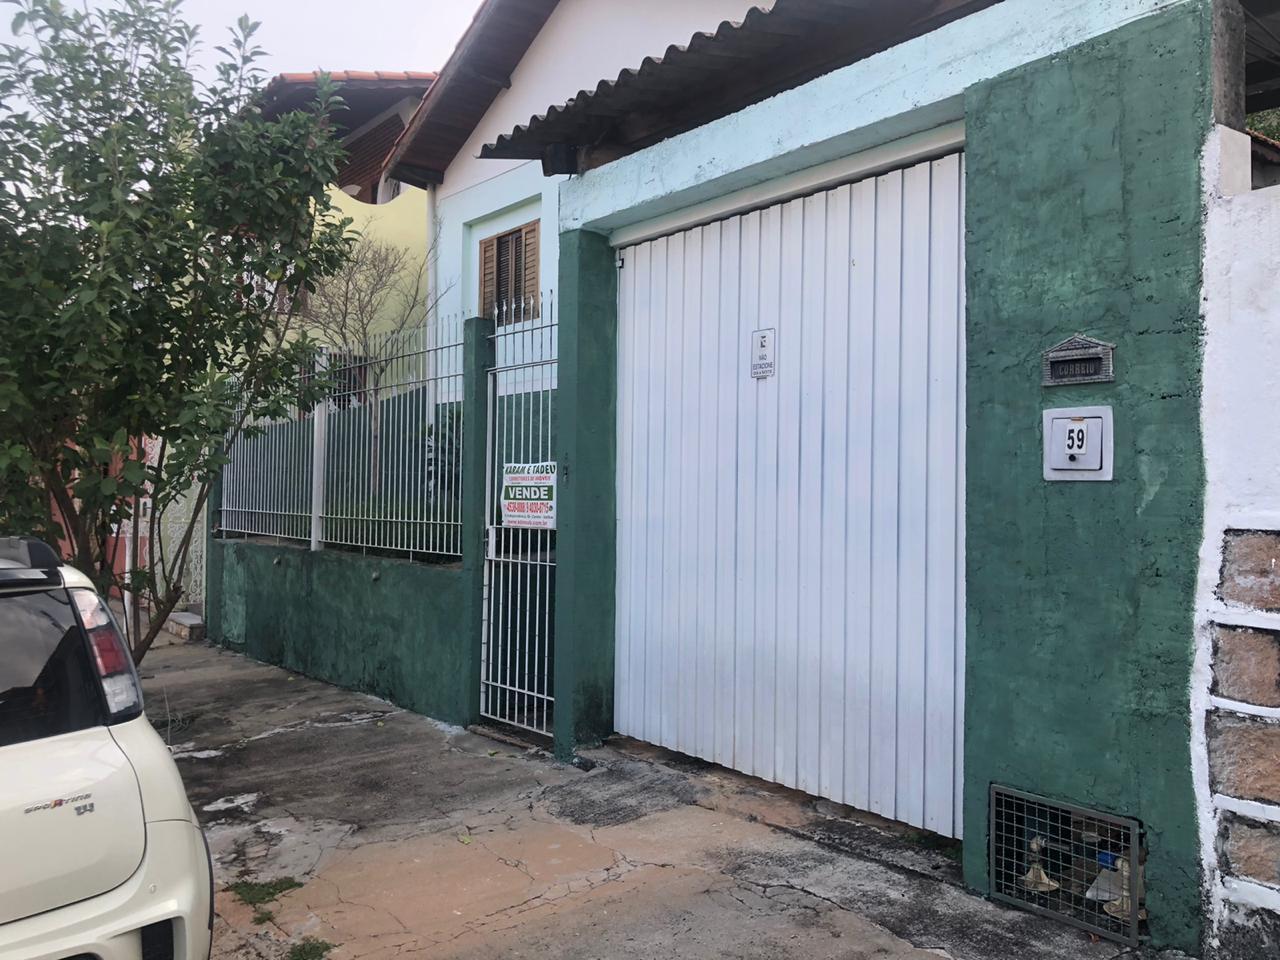 Casa com 2 dormitórios à venda, 180 m² por R$ 218.000,00 - Jardim Nossa Senhora de Fátima - Itatiba/SP